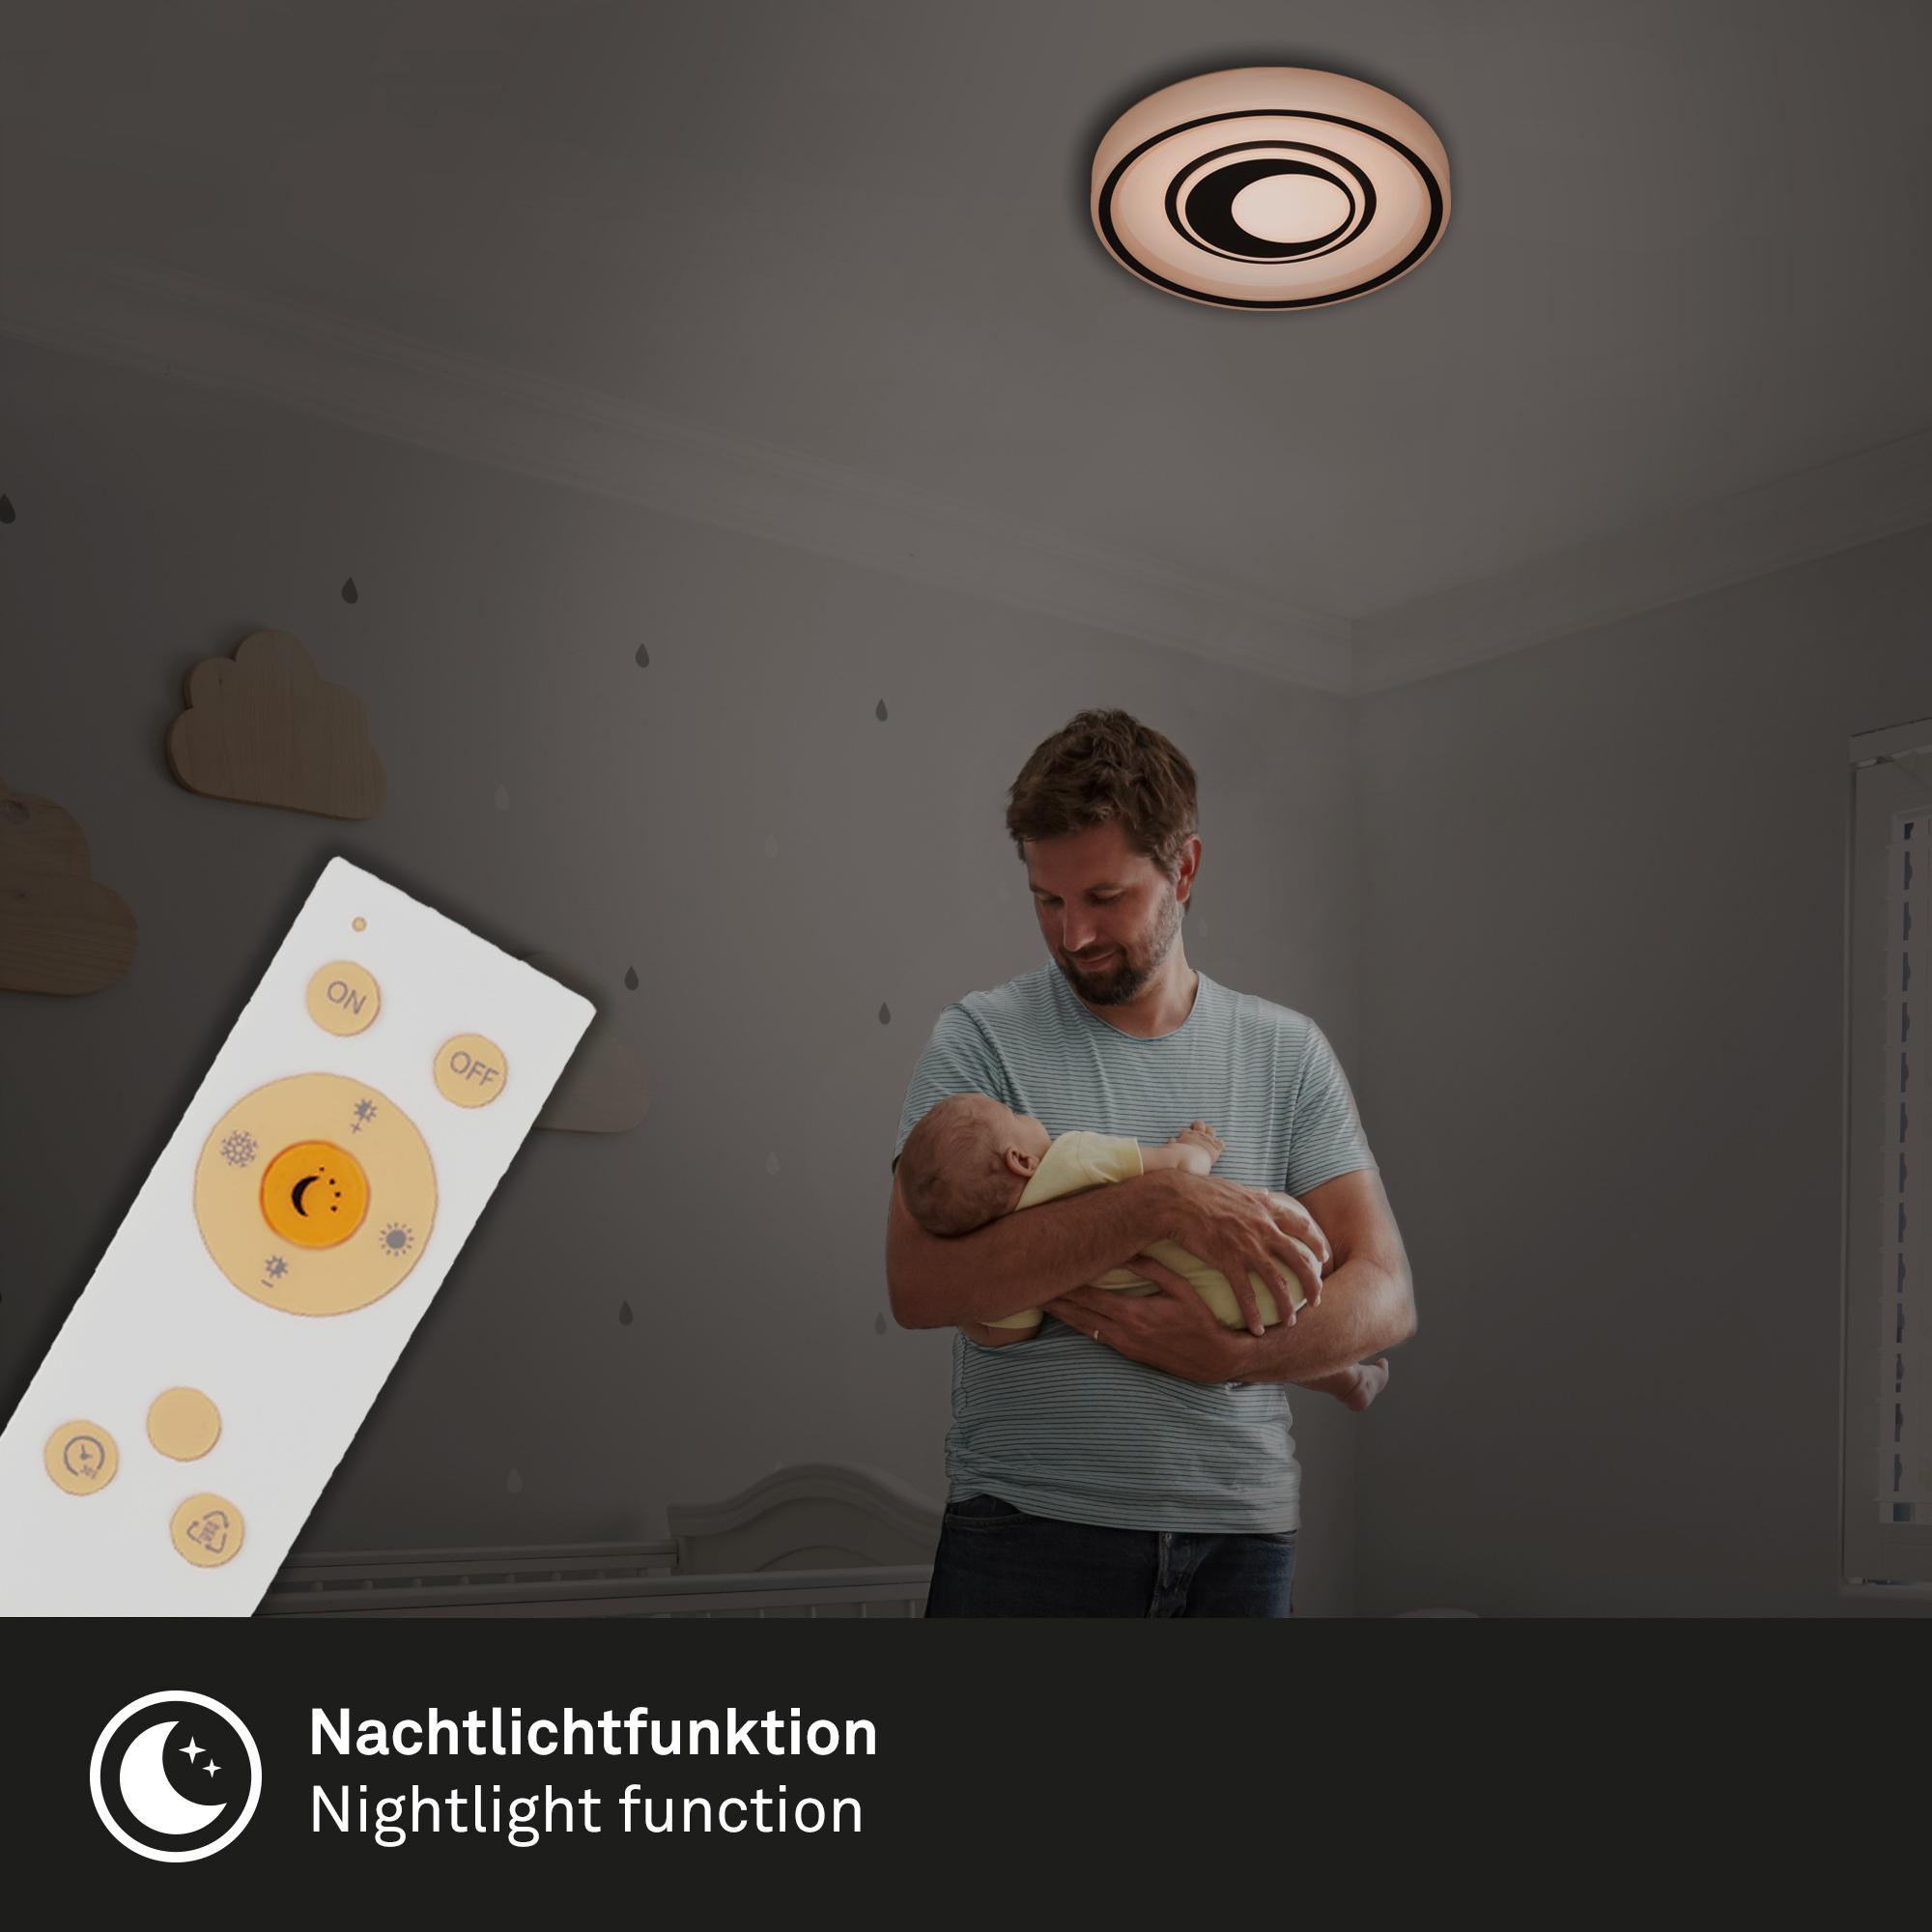 CCT LED Deckenleuchte, Ø 49 cm, 42 W, Schwarz-Weiß